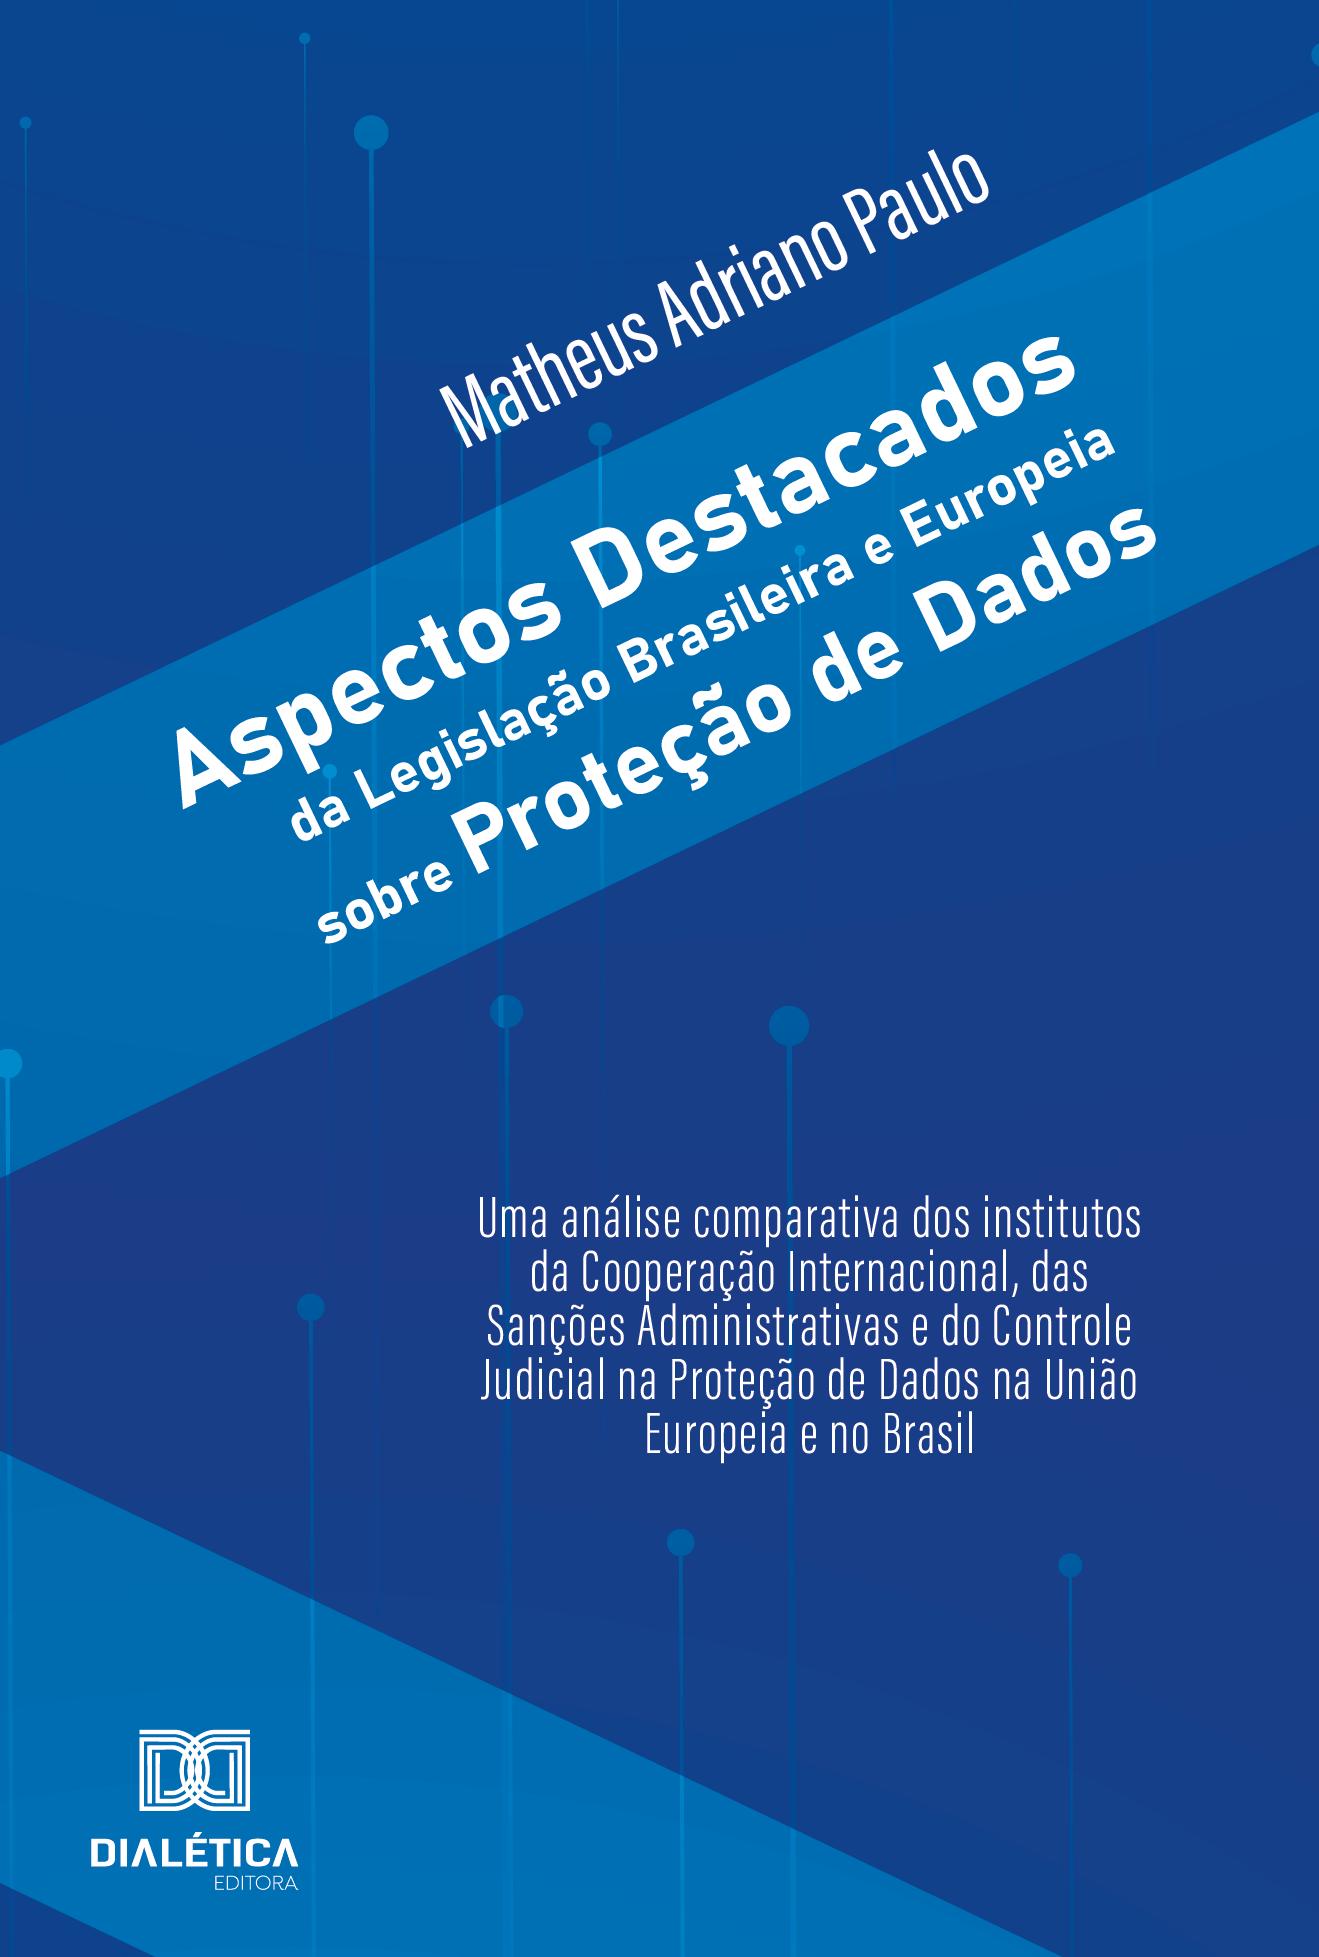 Aspectos Destacados da Legislação Brasileira e Europeia sobre Proteção de Dados